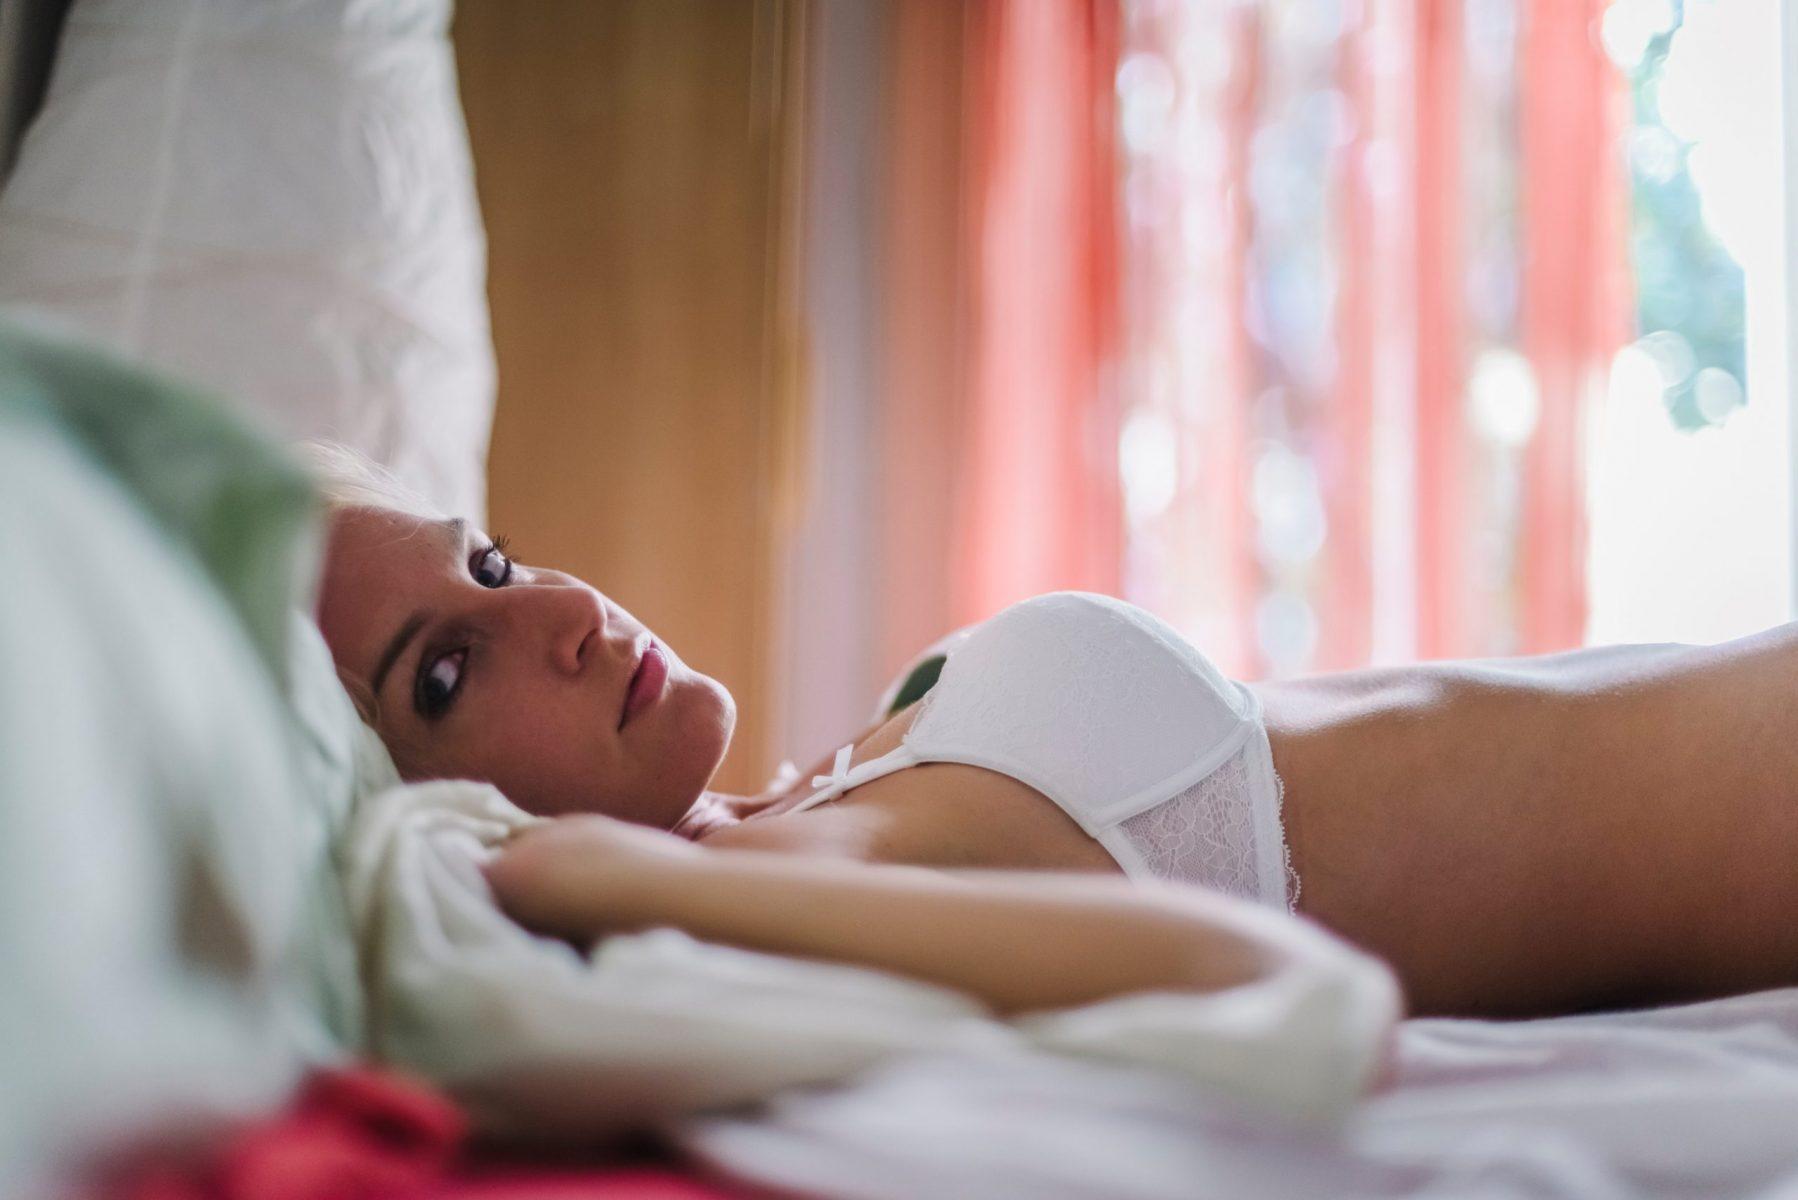 Μυστικά του σεξ: Ανδρικές συμβουλές για κόλπα  στο κρεβάτι [pic, vid]